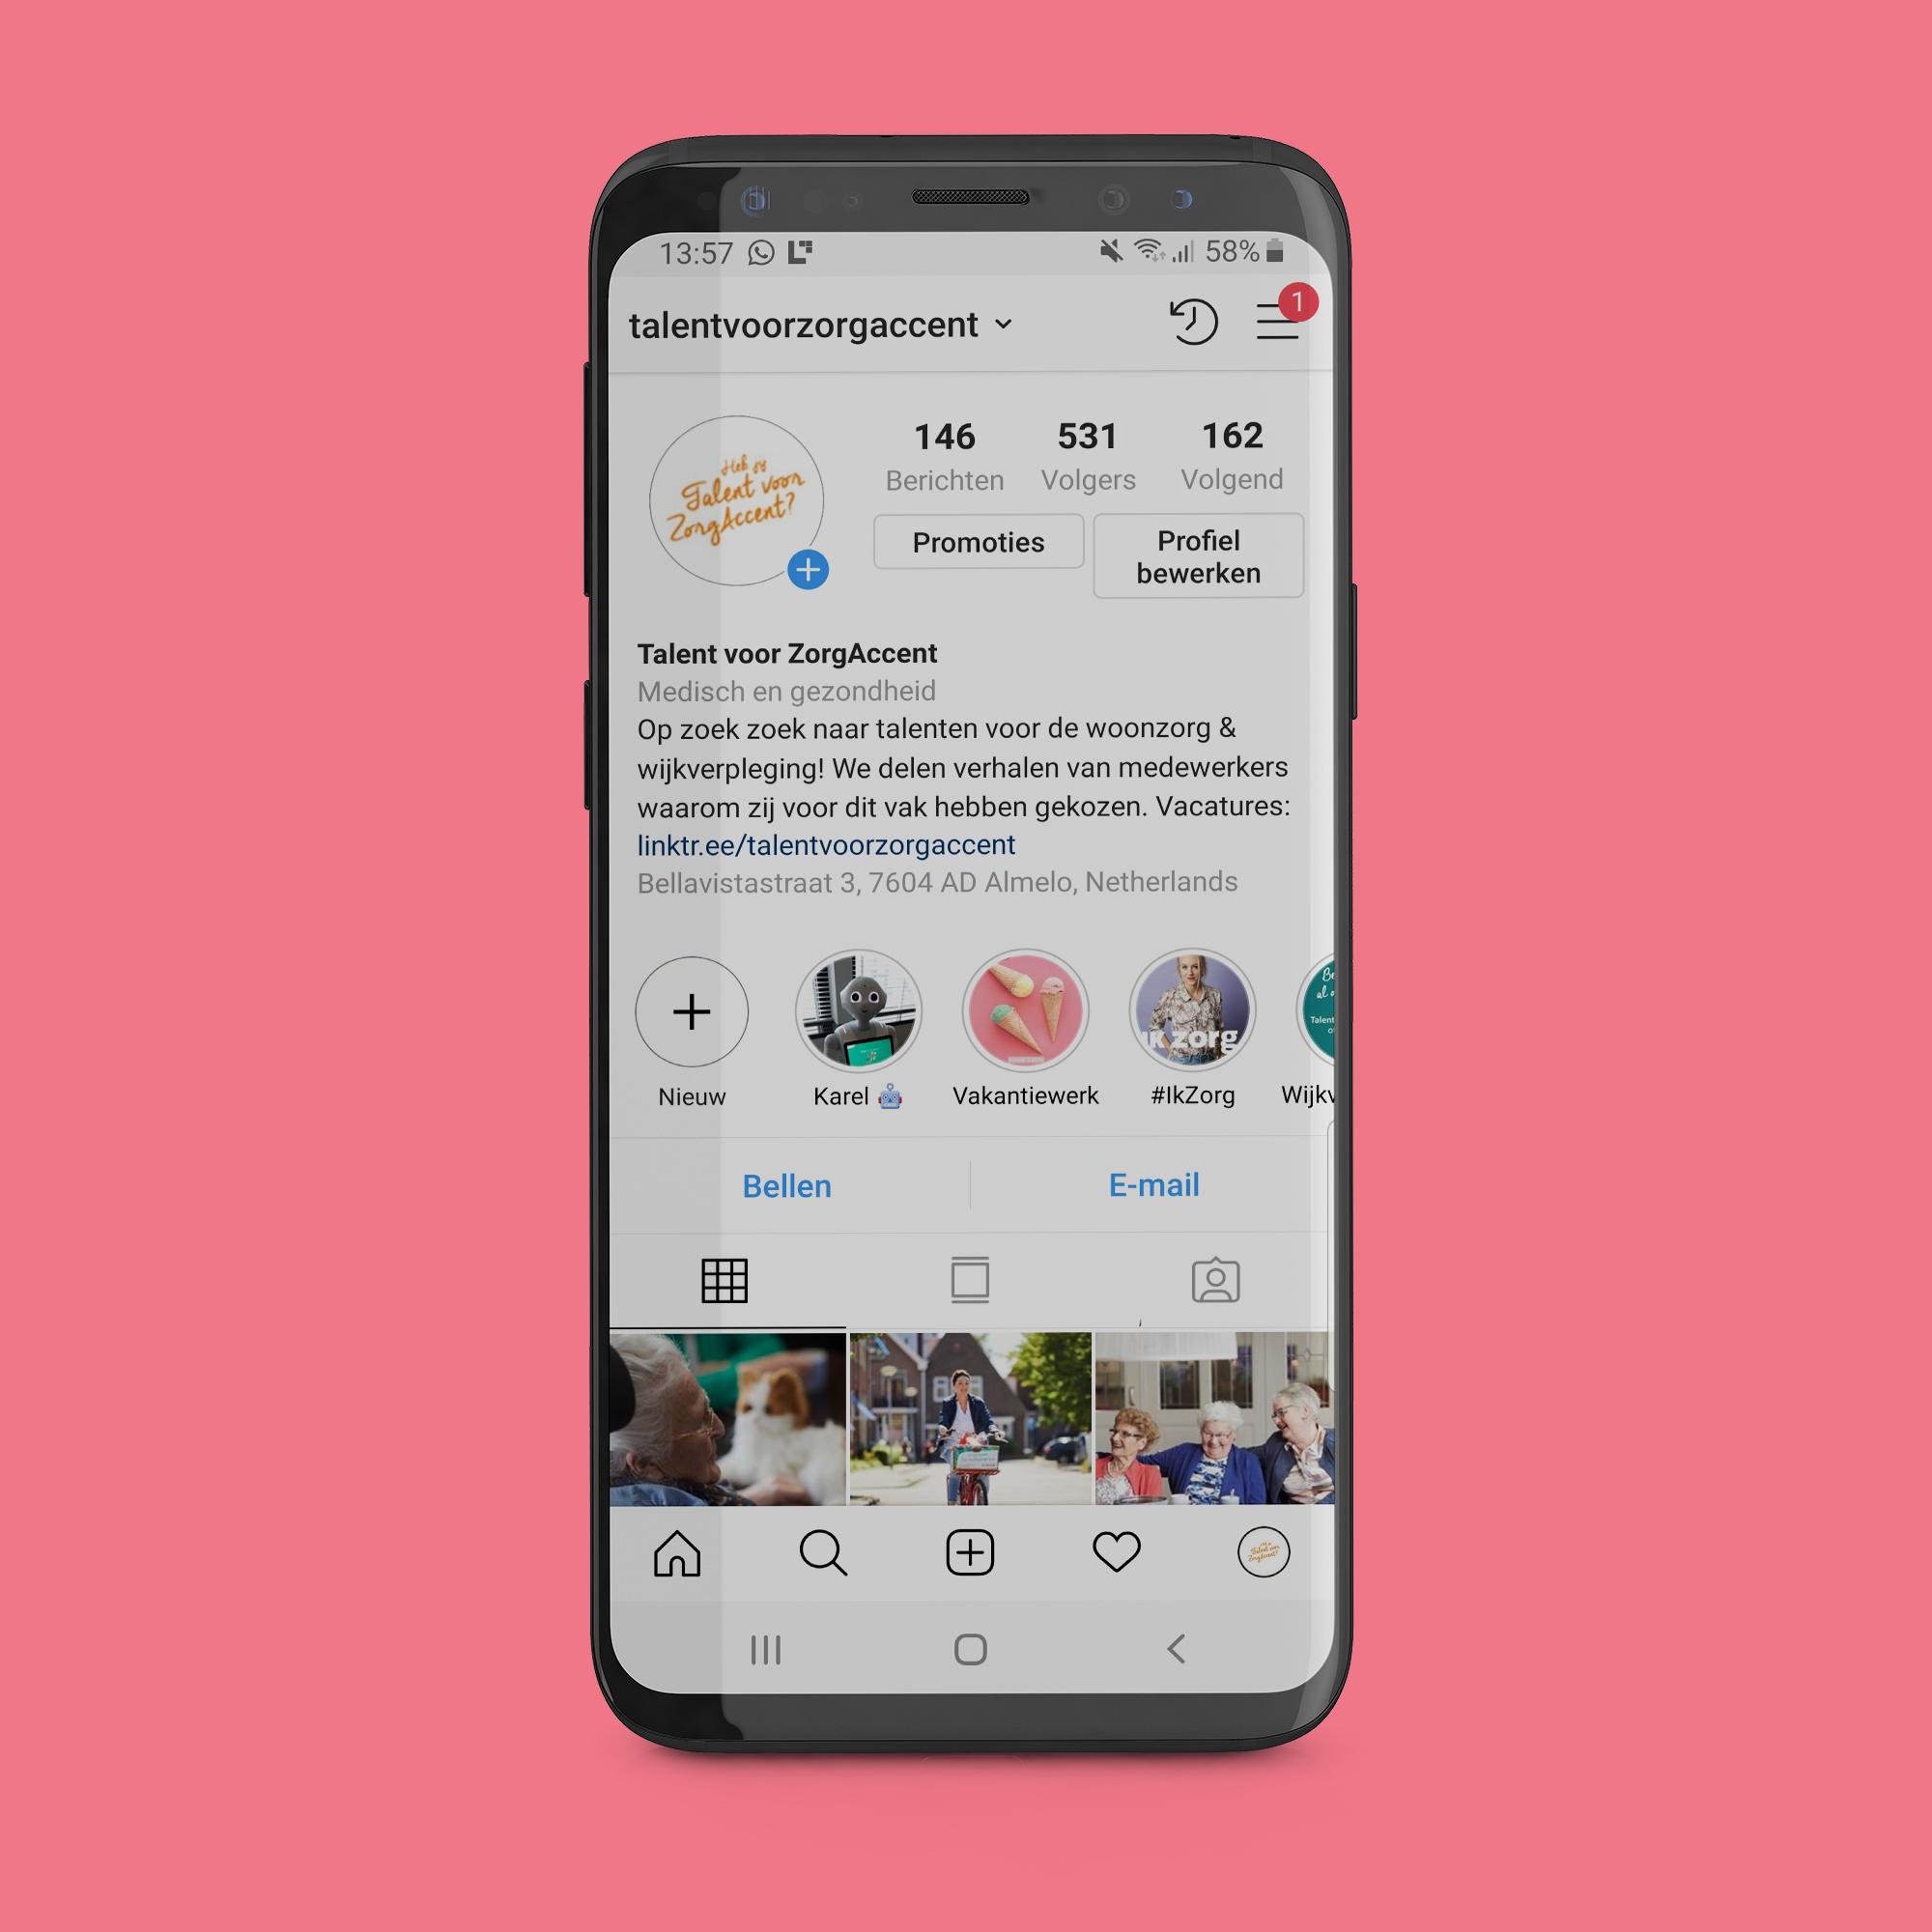 Instagram feed ontwerp Talent voor ZorgAccent